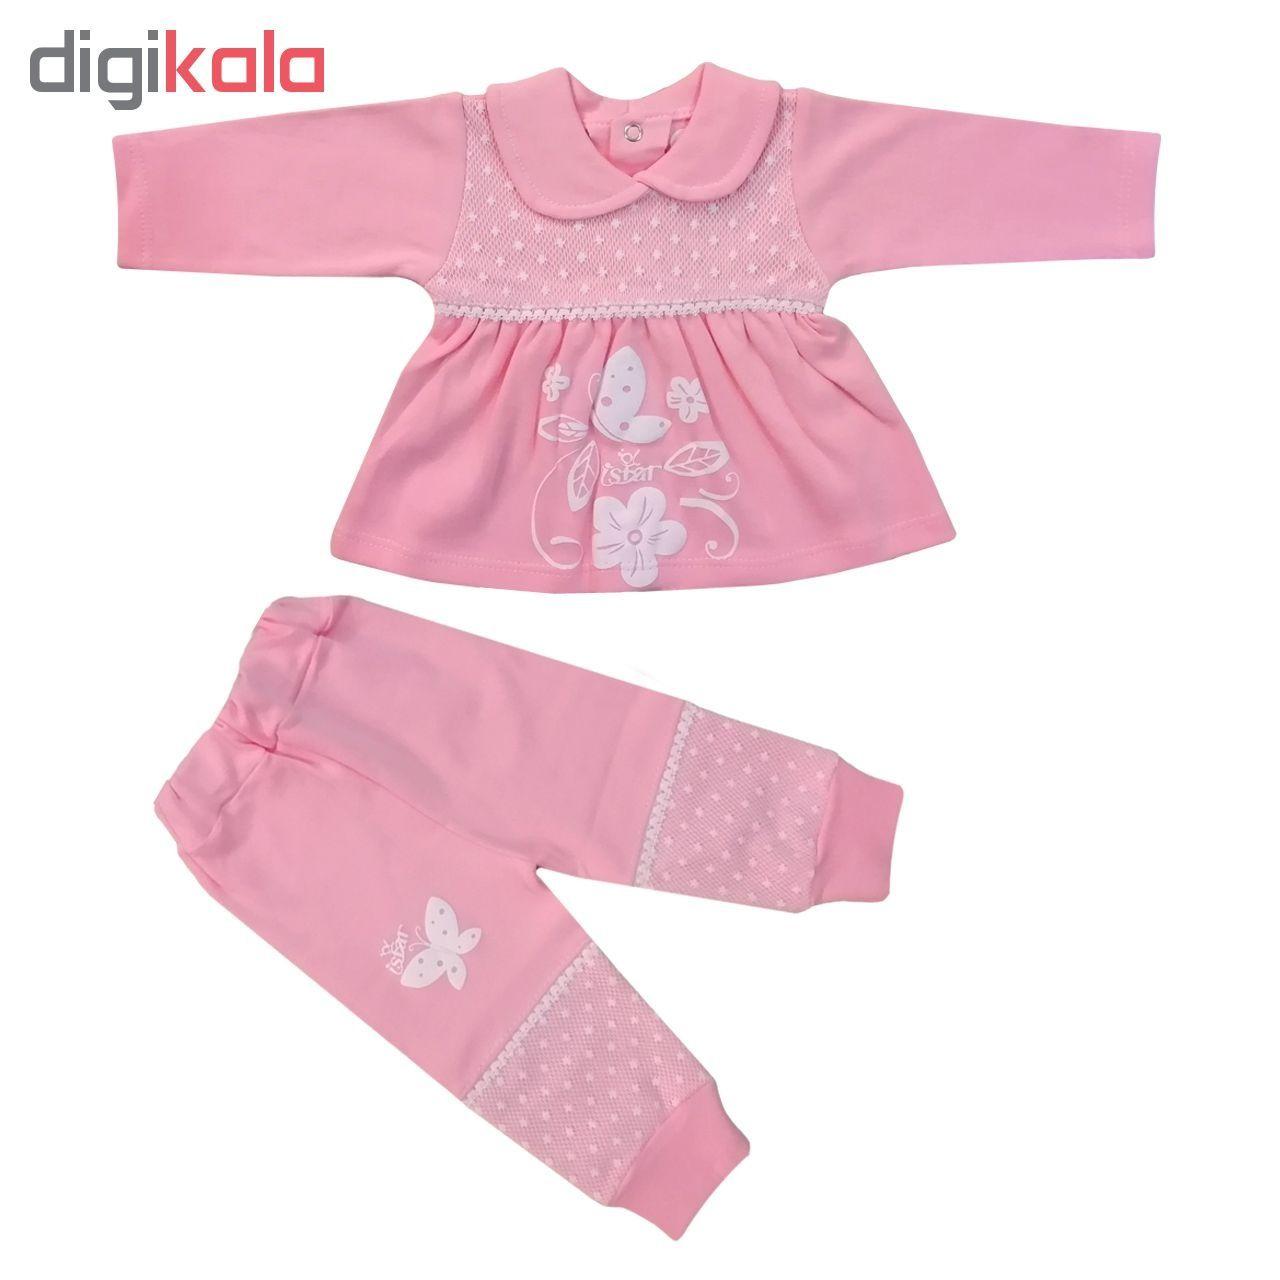 ست تیشرت و شلوار نوزادی دخترانه کد 980908 رنگ صورتی main 1 1